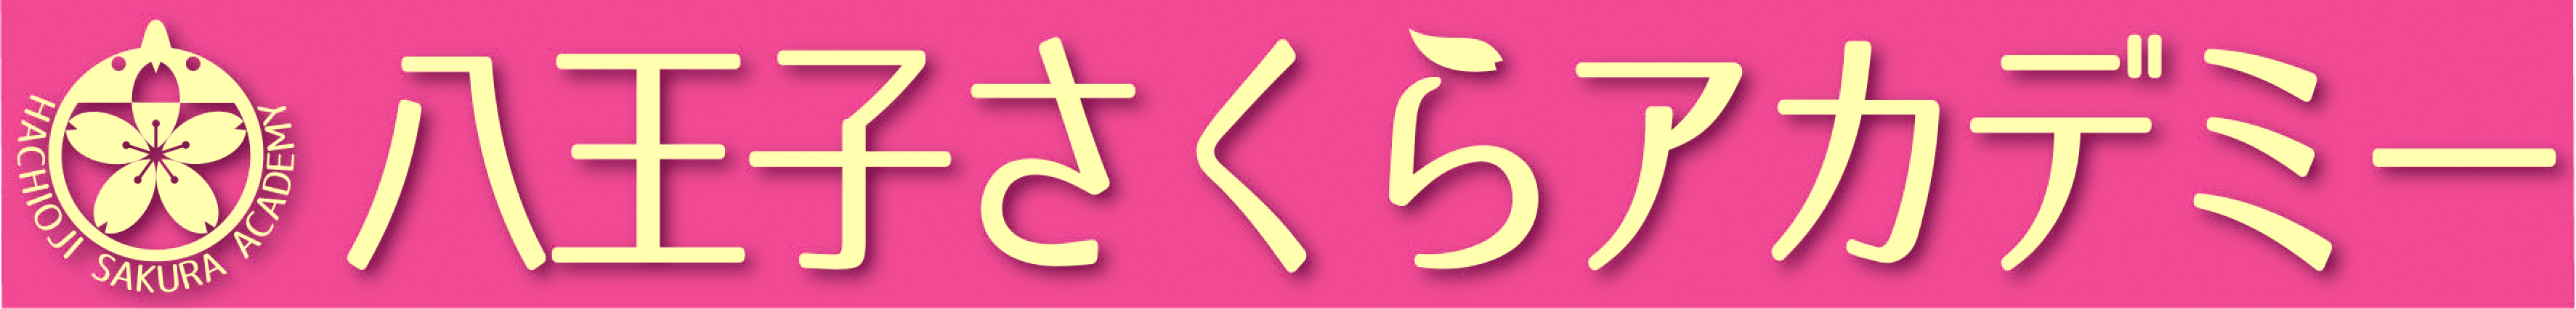 八王子の塾・個別指導塾・学習塾・予備校【八王子さくらアカデミー】中・高・大学受験